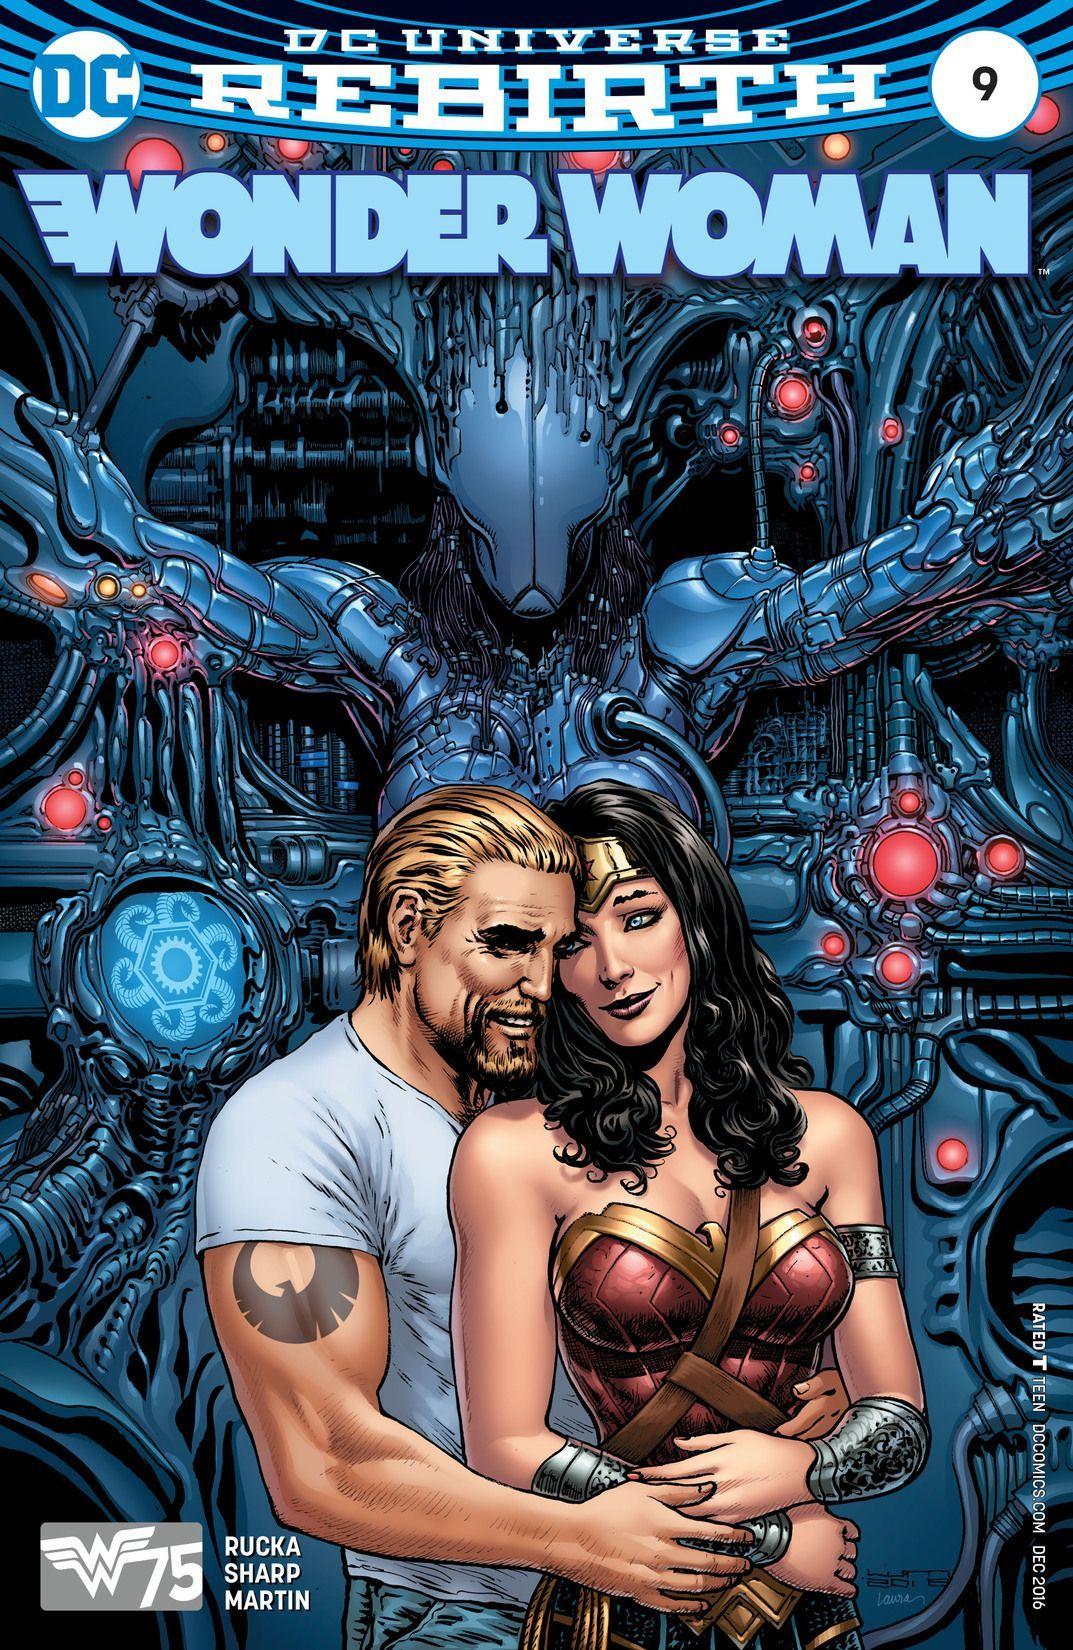 Wonder Woman смотреть онлайн